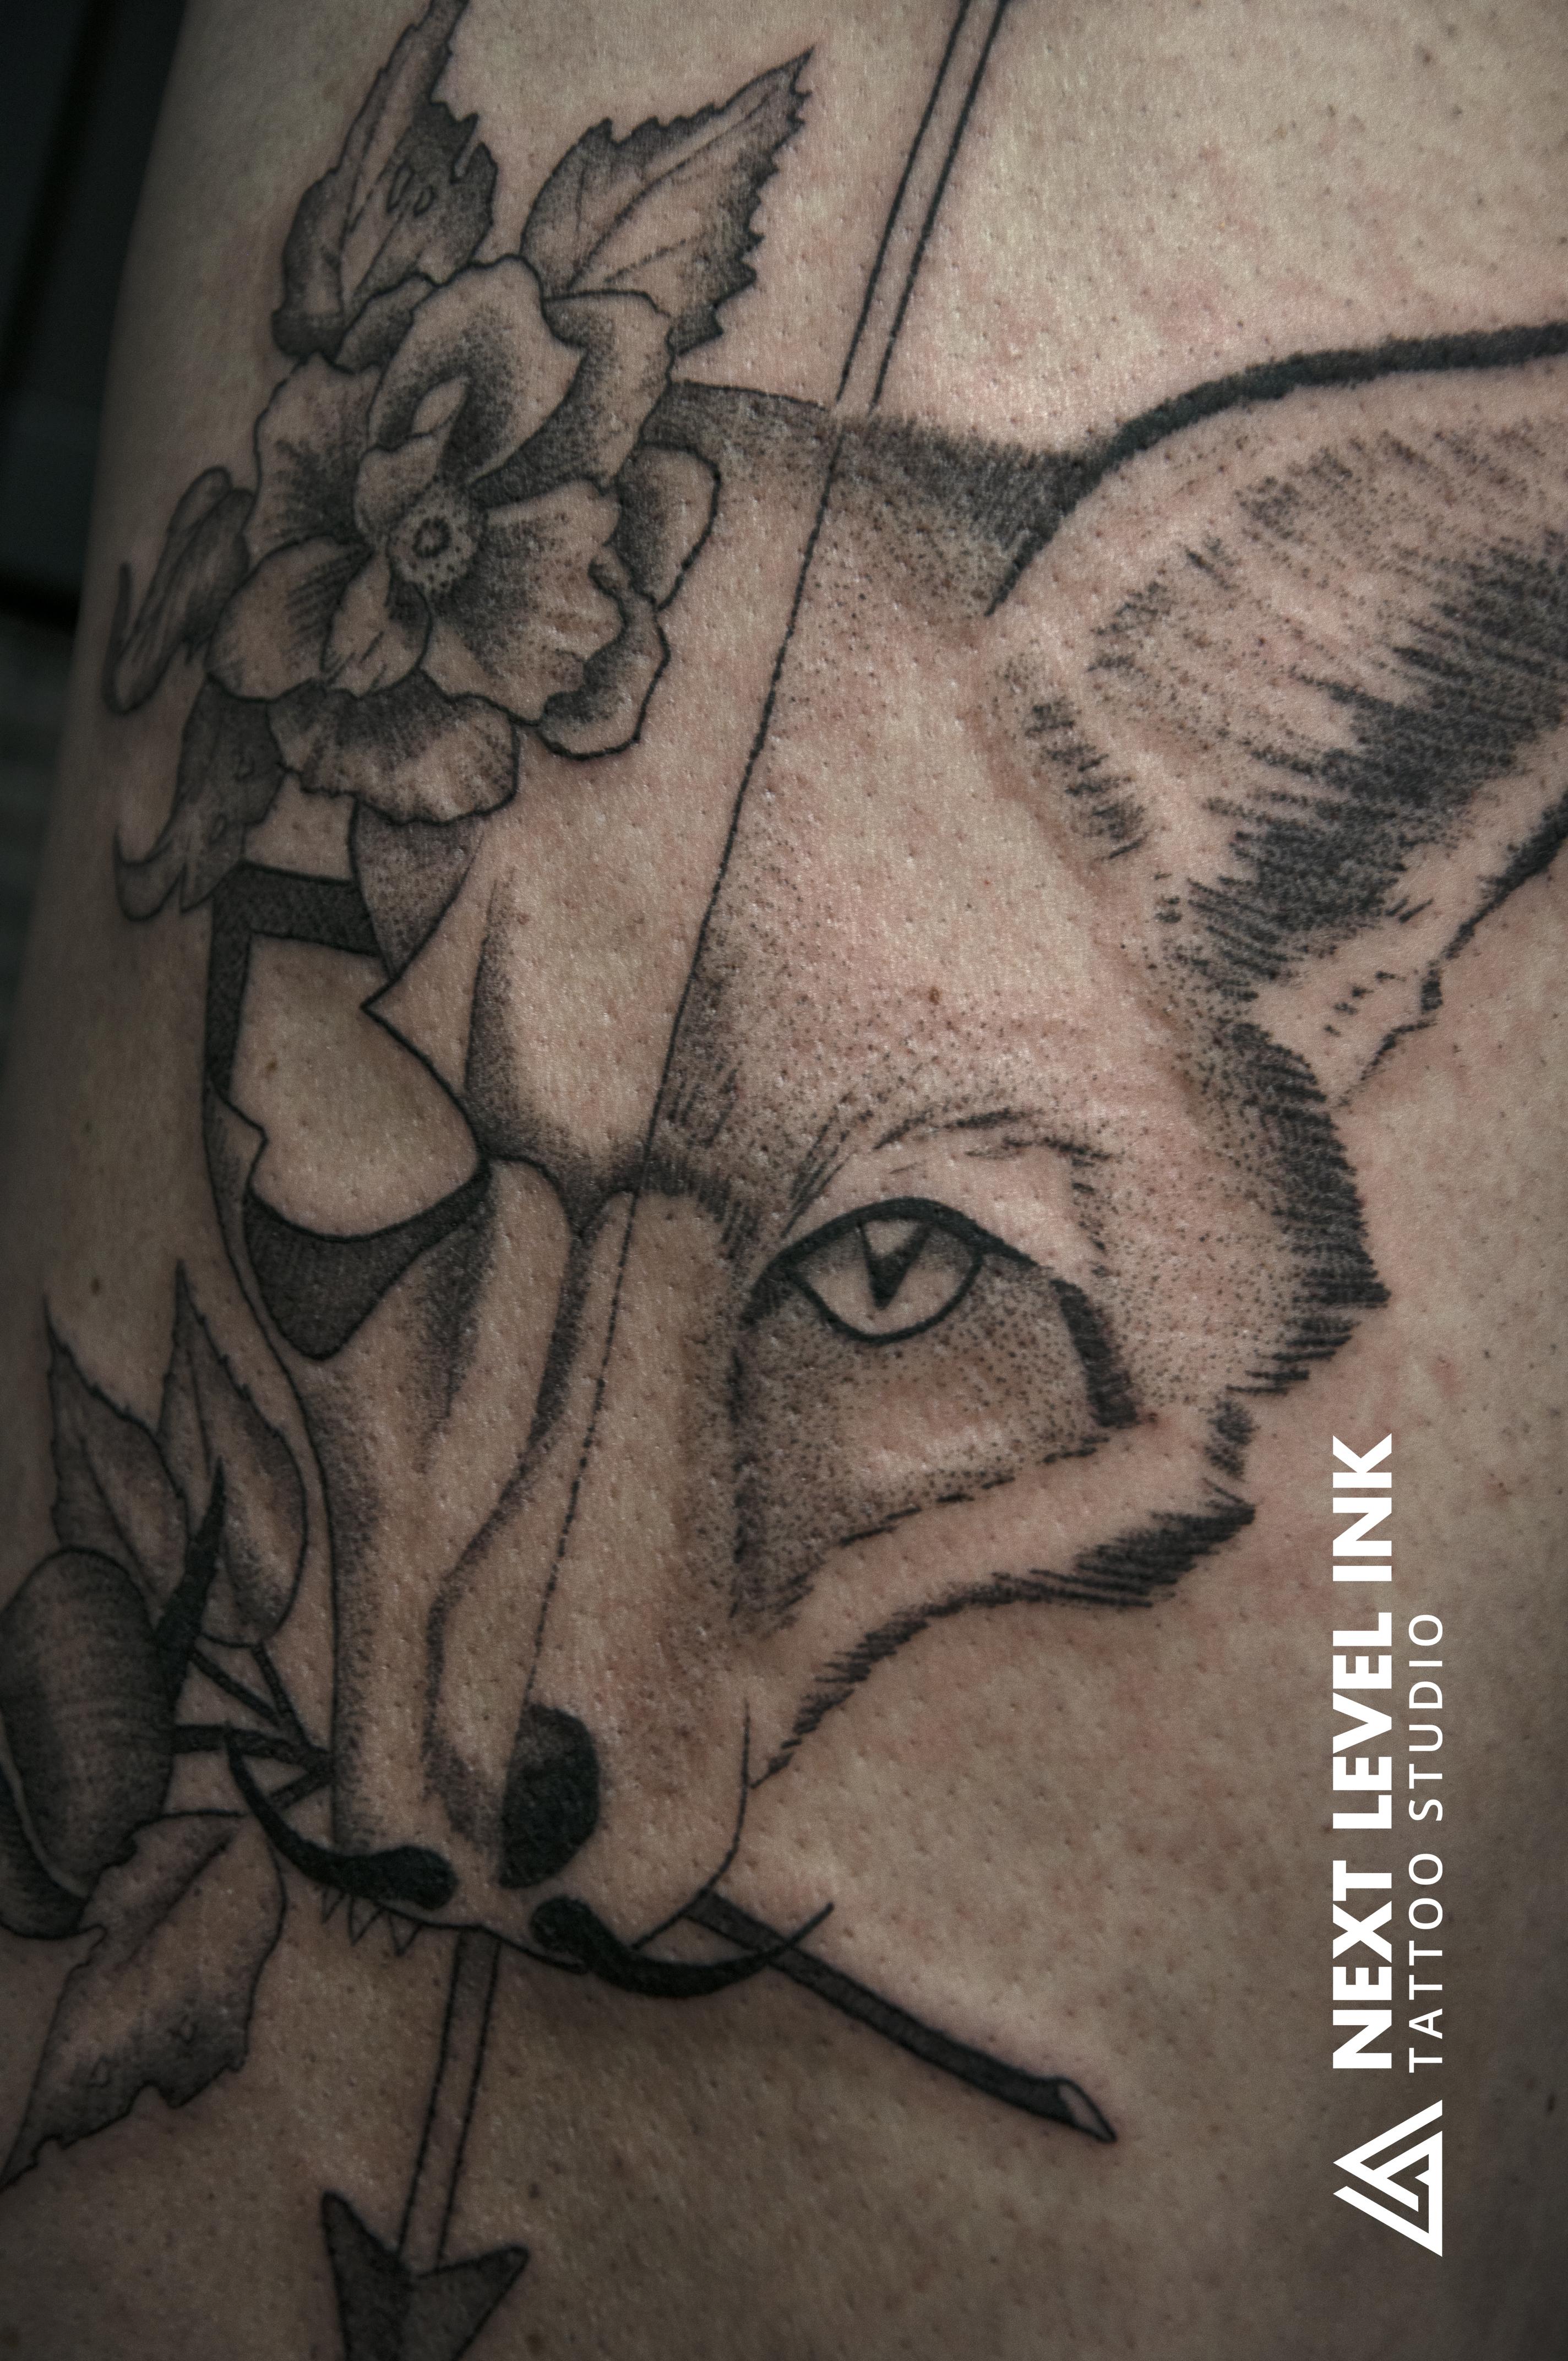 Fox, skull, arrow, rose